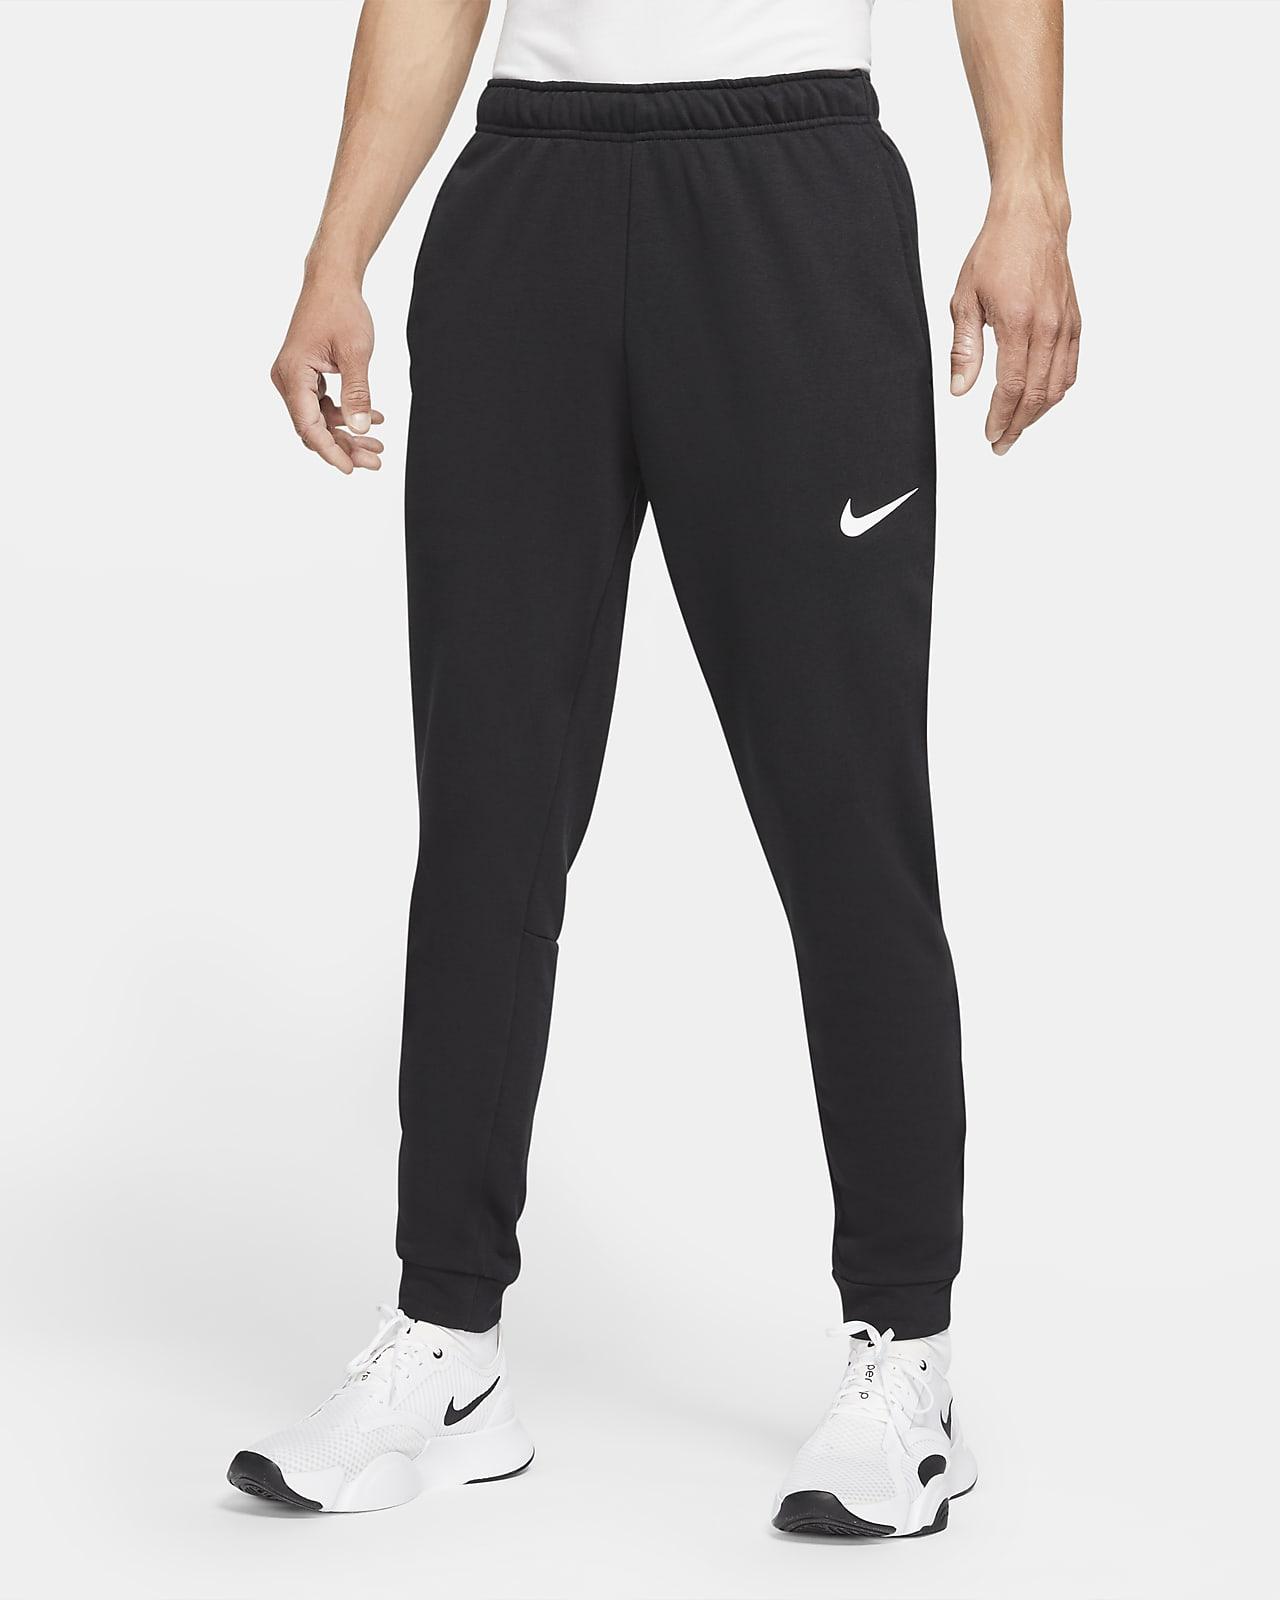 Pantalones De Entrenamiento Entallados Para Hombre Nike Dri Fit Nike Com